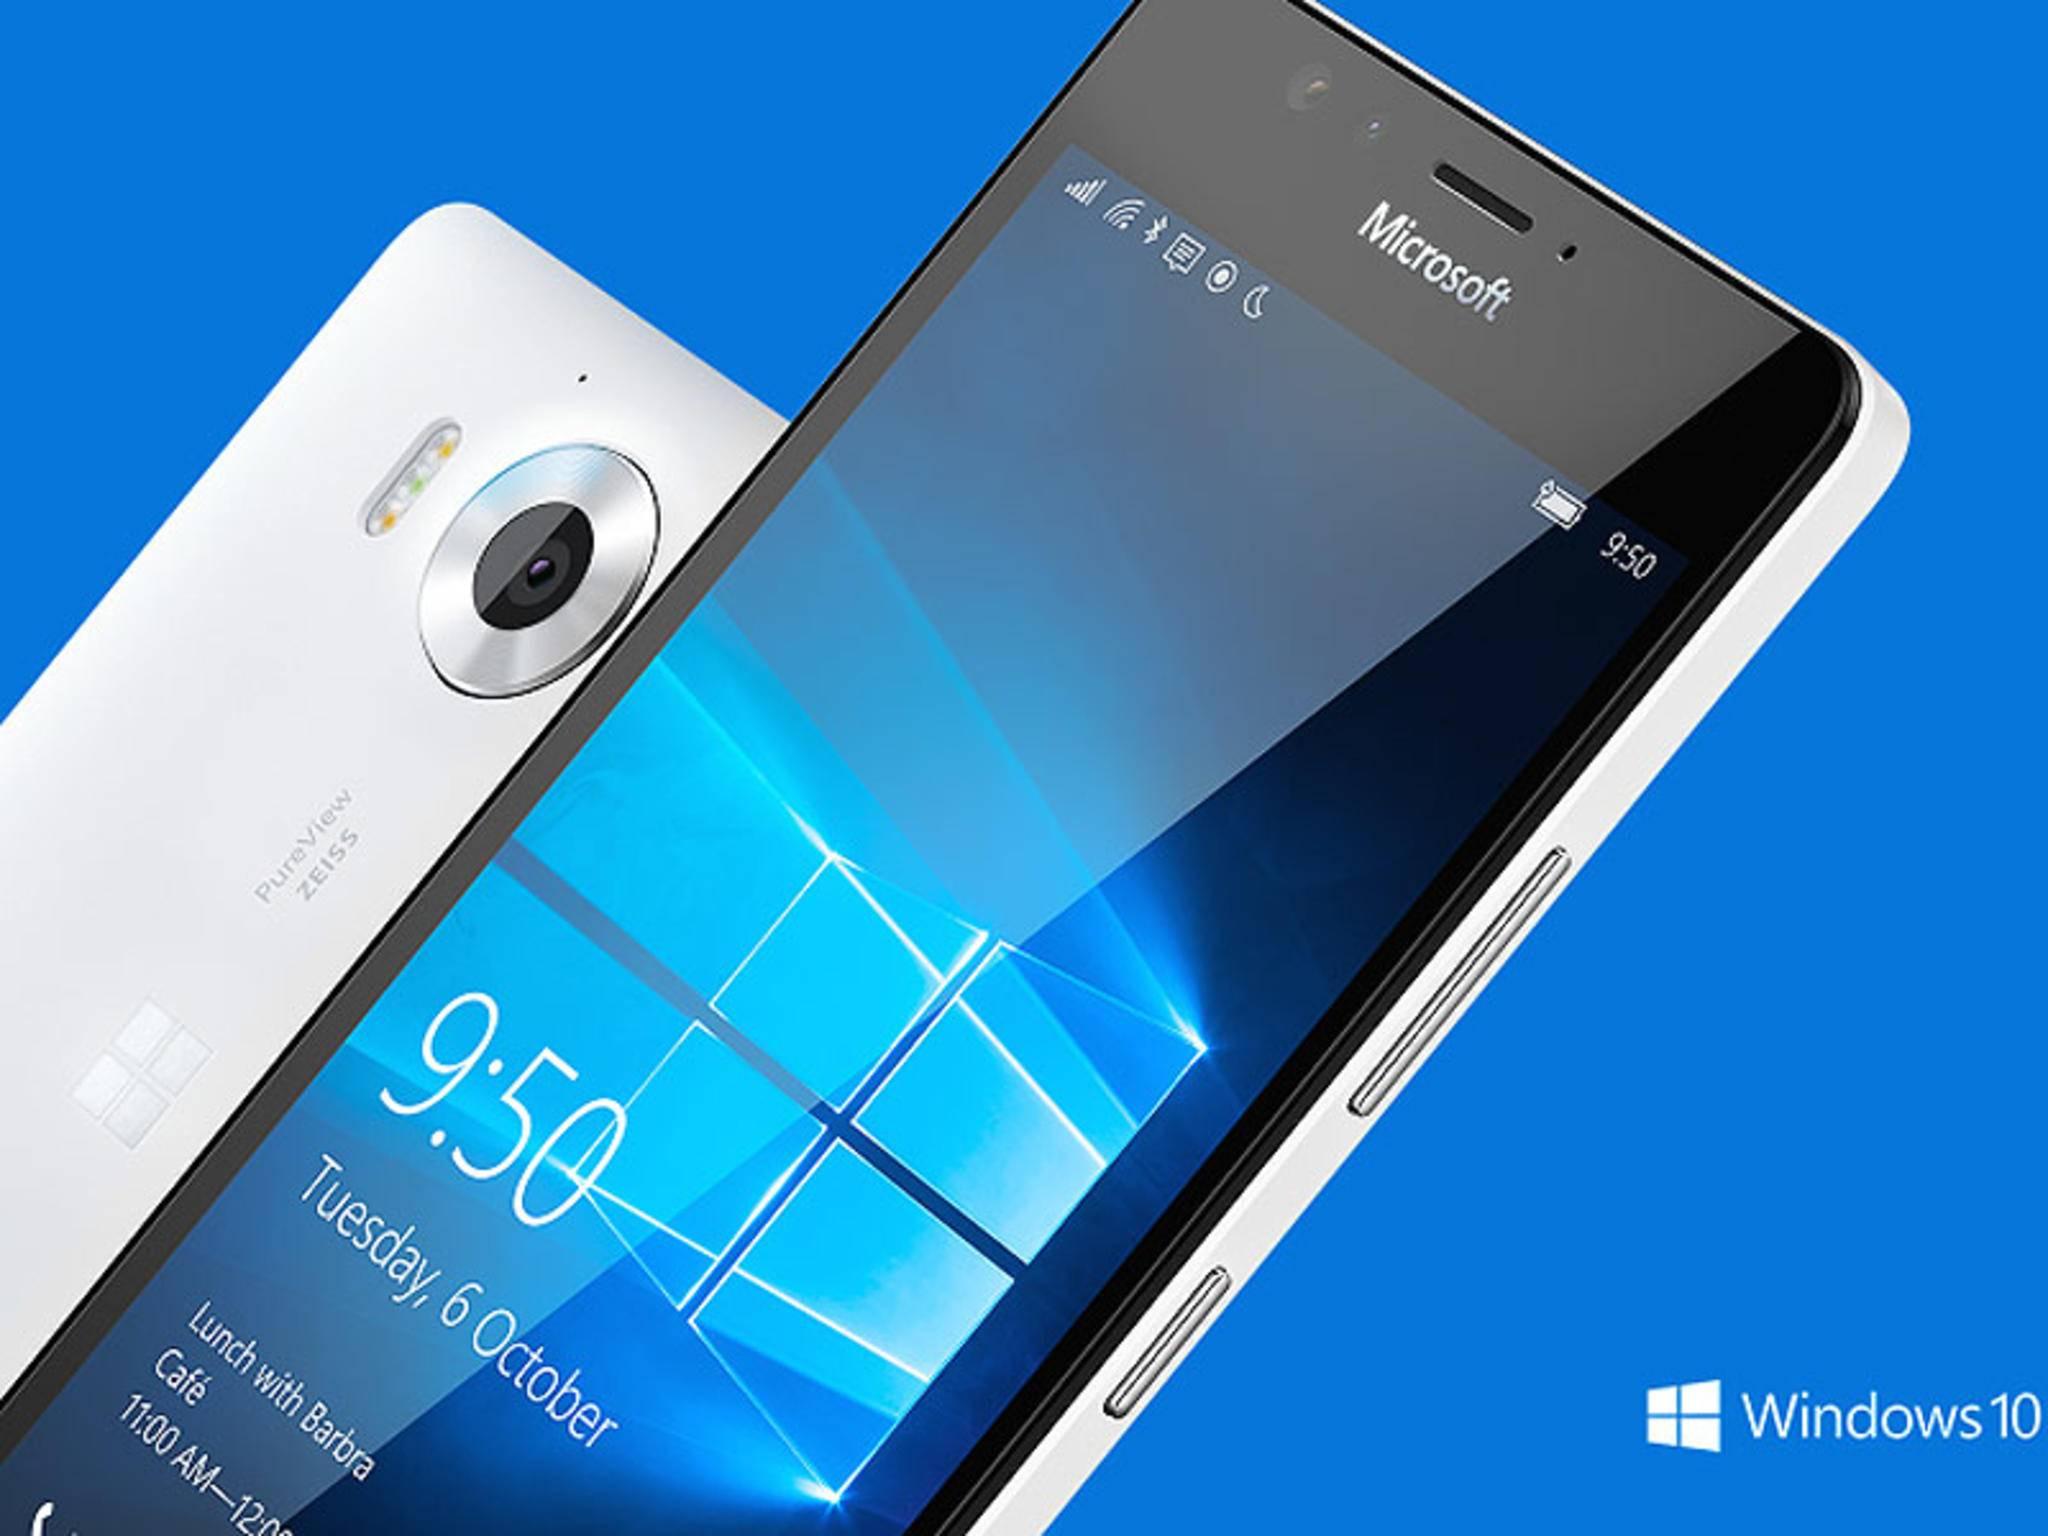 Die Continuum-Funktion beim Lumia 950 ist vielversprechend.